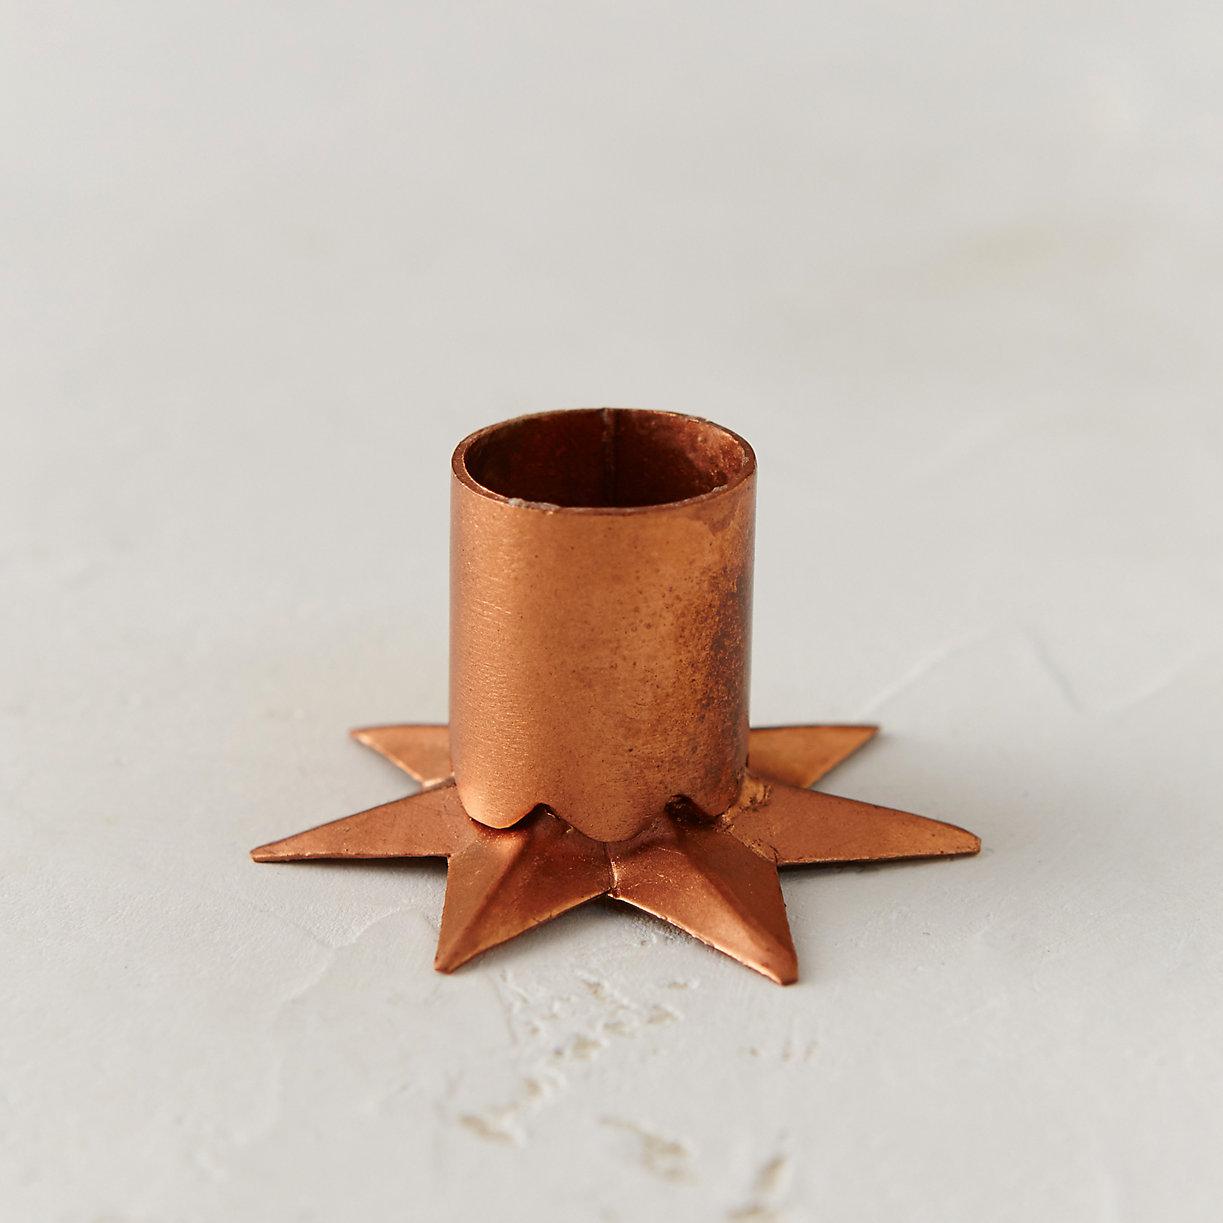 copper-star-taper-terrain